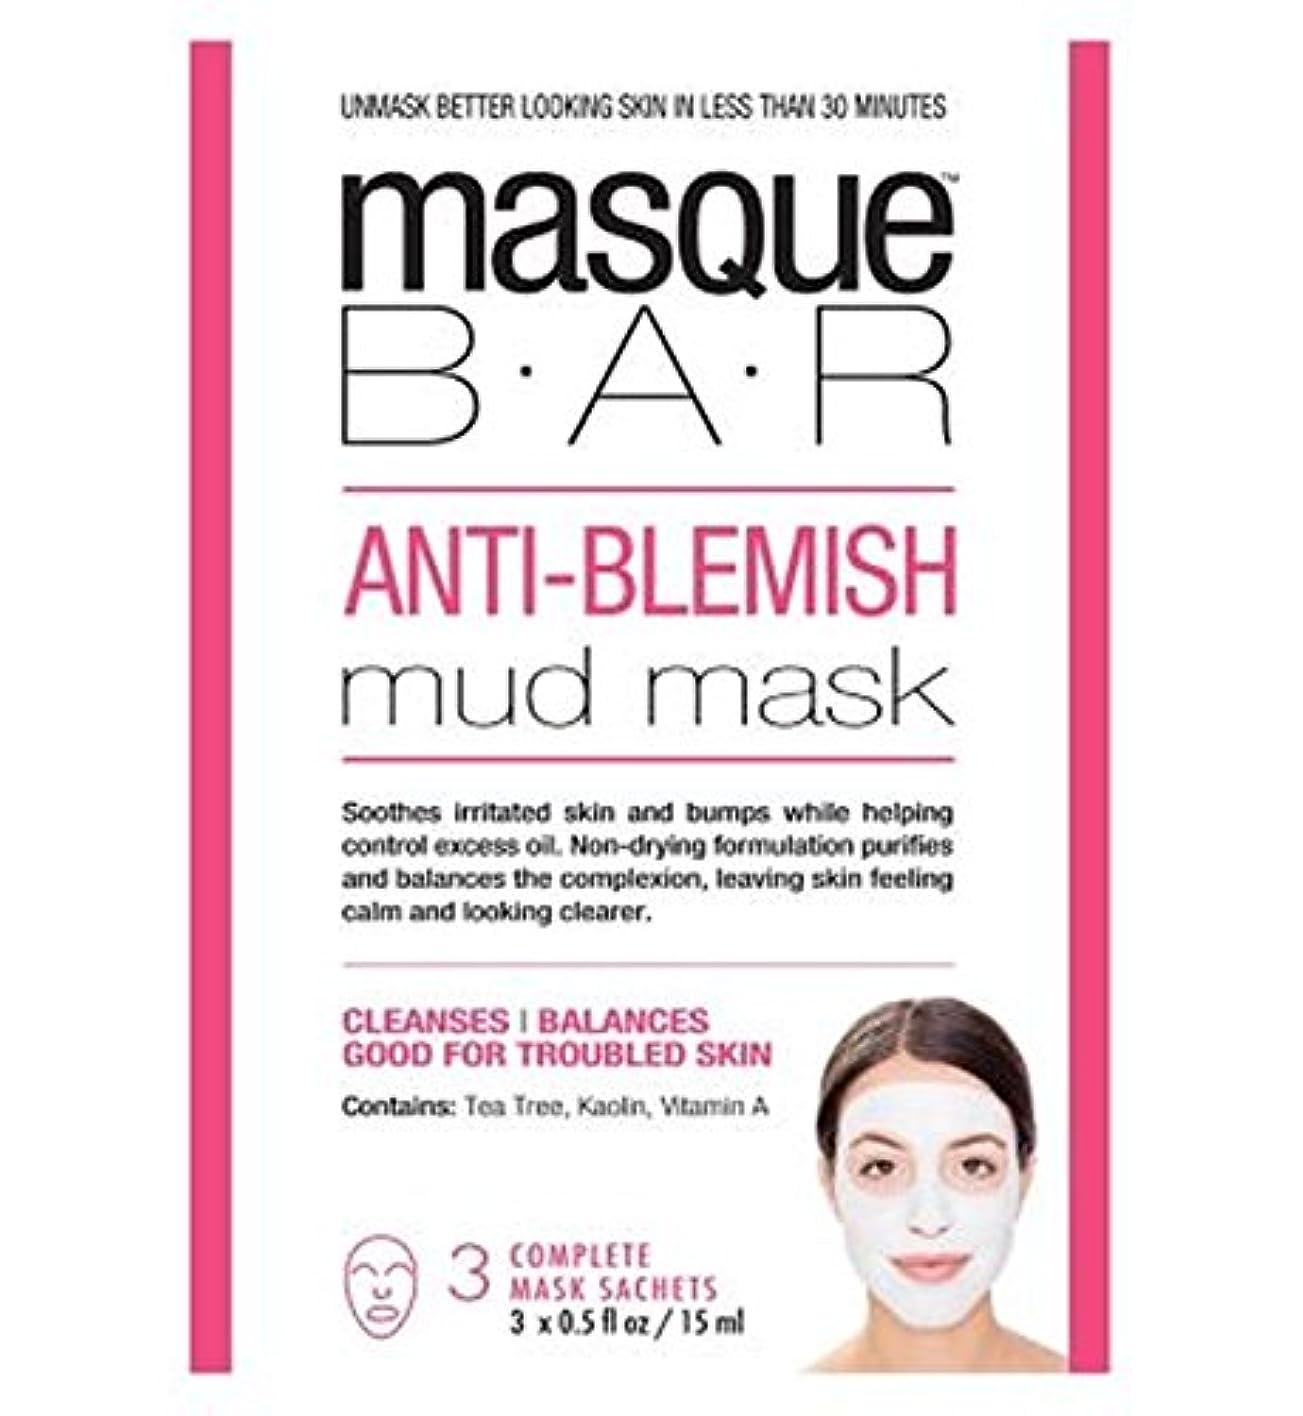 もろい湿気の多い方程式仮面劇バー抗傷泥マスク - 3S (P6B Masque Bar Bt) (x2) - Masque Bar Anti-Blemish Mud Mask - 3s (Pack of 2) [並行輸入品]